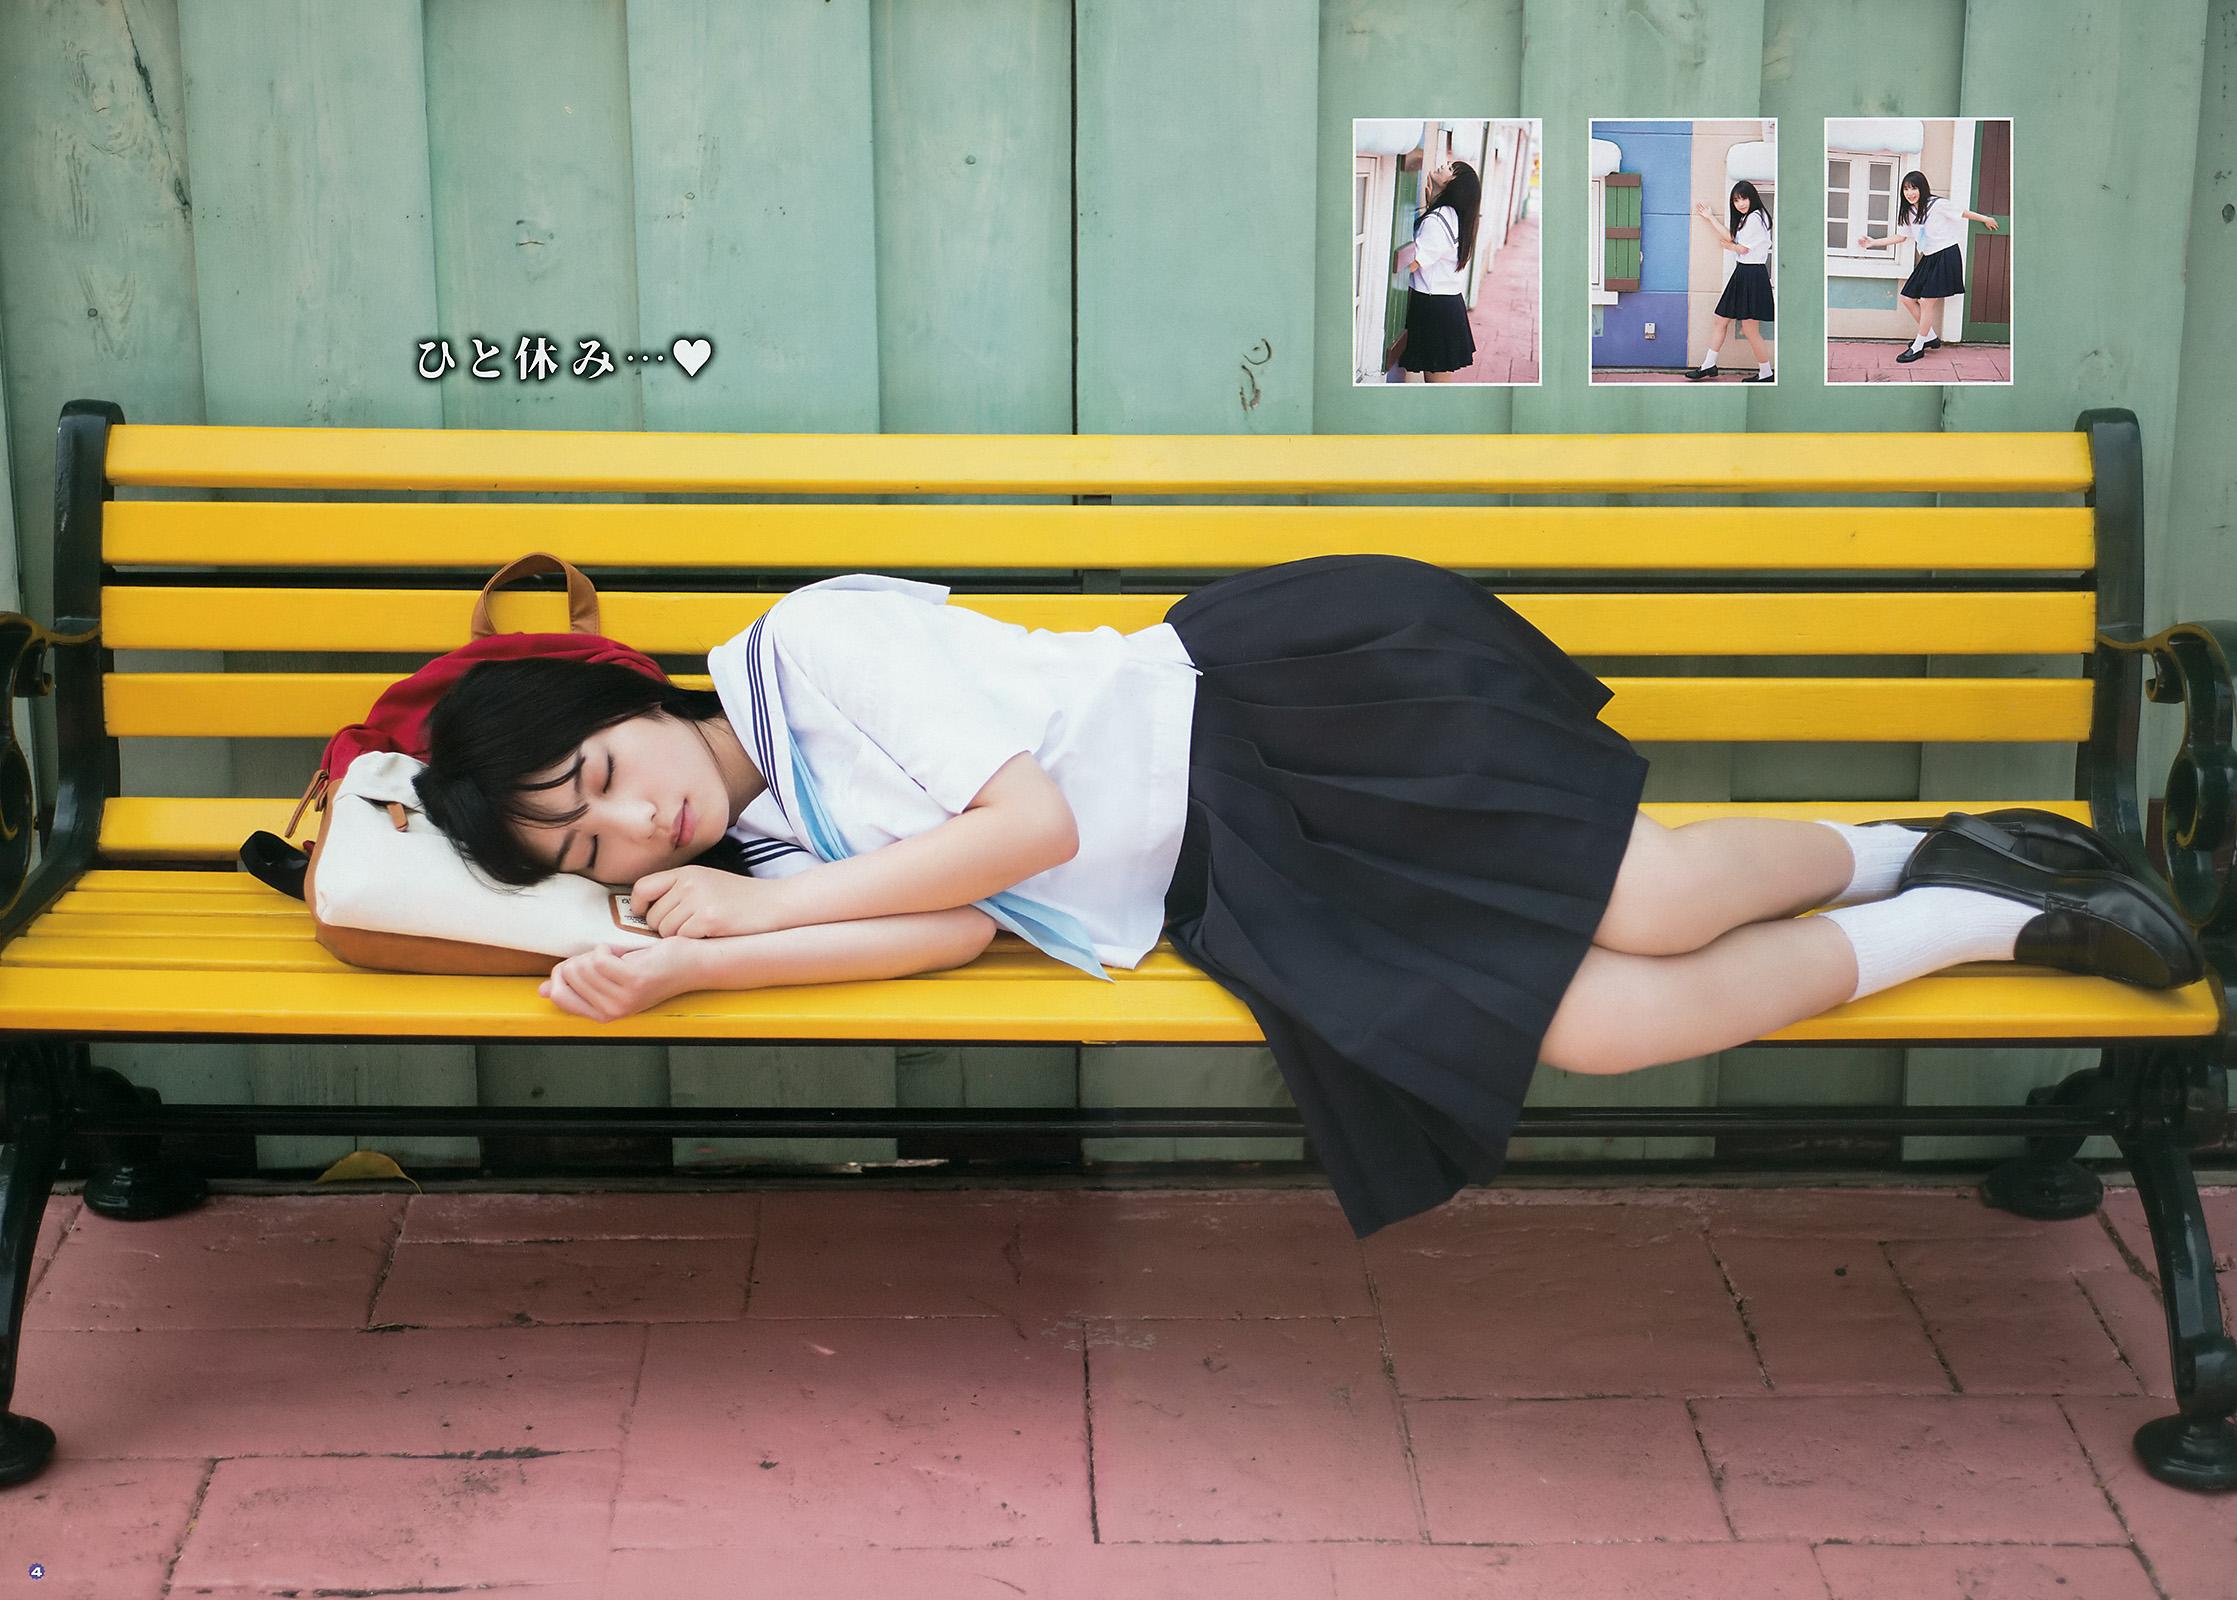 乃木坂46与田祐希(17)写真集の初水着が抜けるエロ画像68枚・10枚目の画像